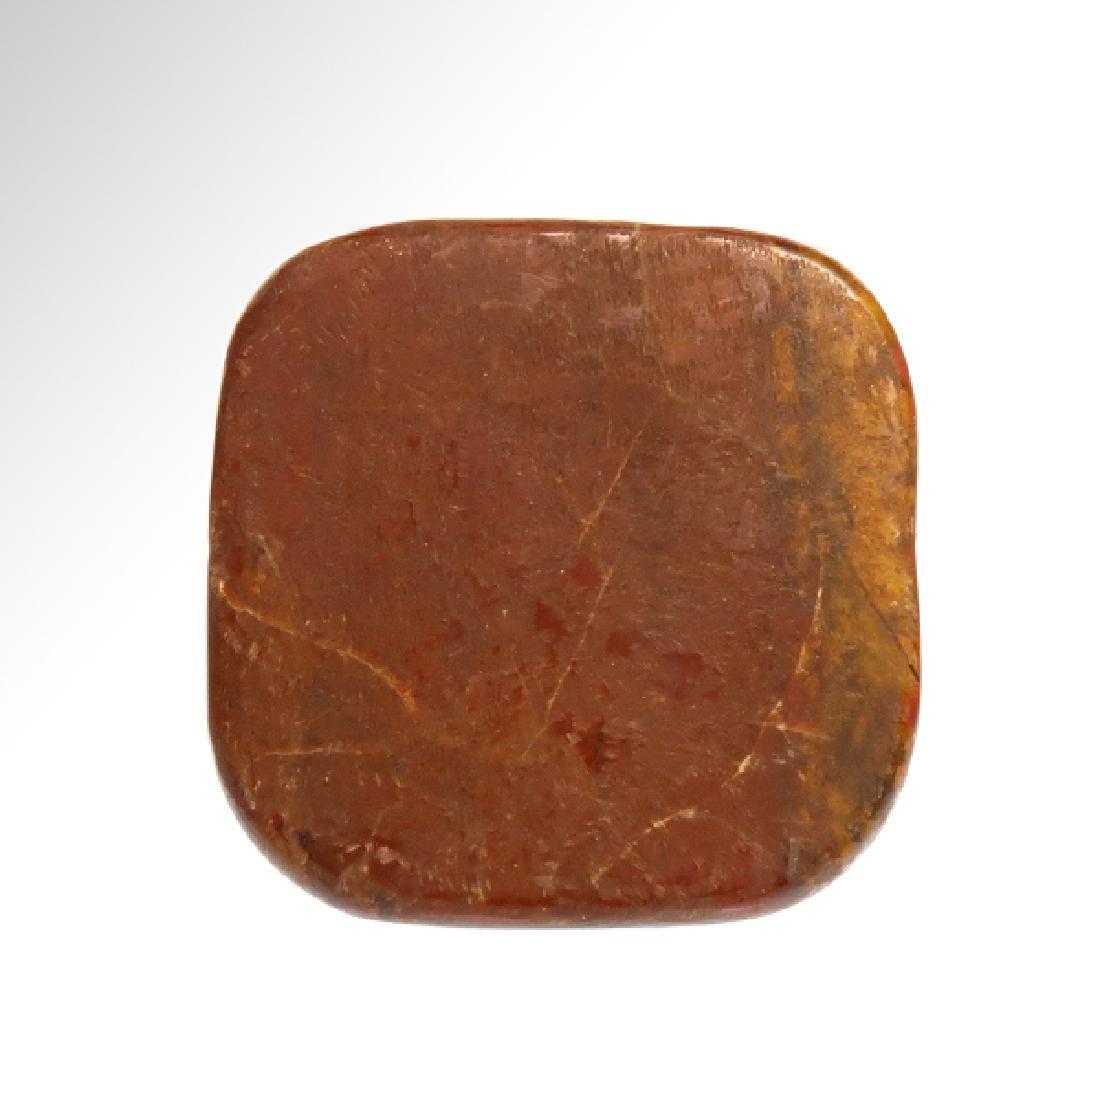 Egyptian Jasper Amulet With Four Eyes of Horus - 5